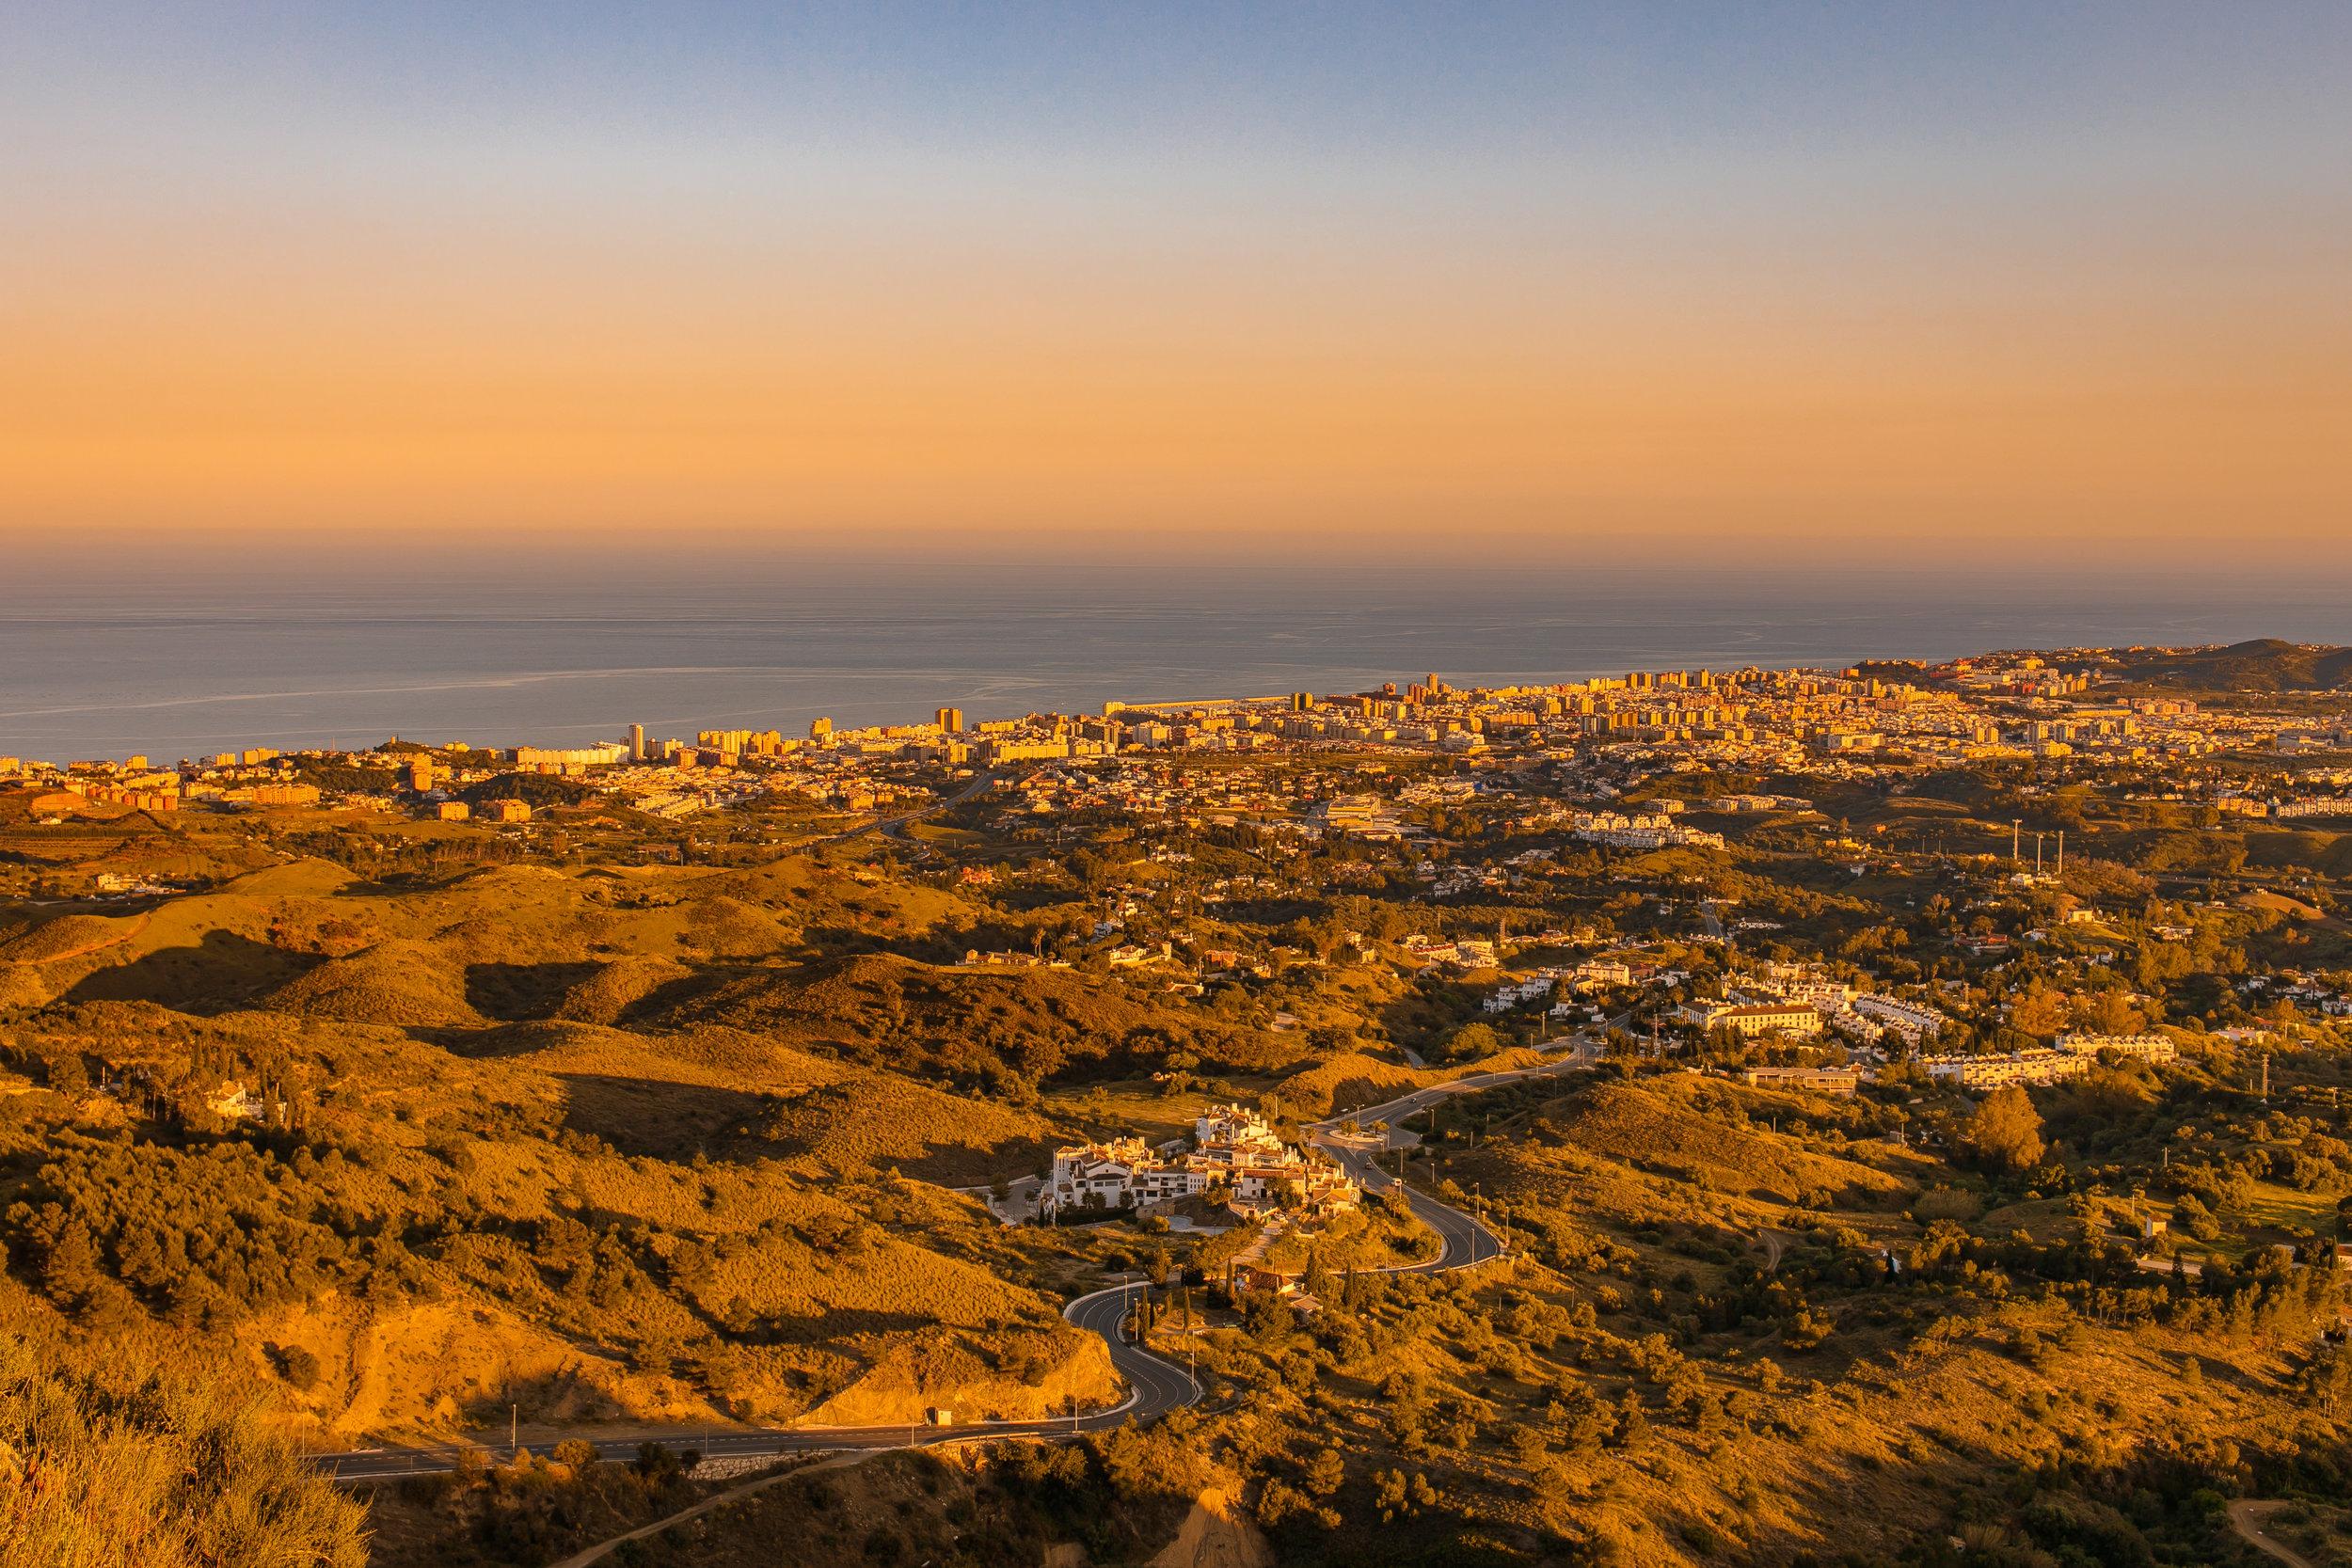 The Costa del Sol.